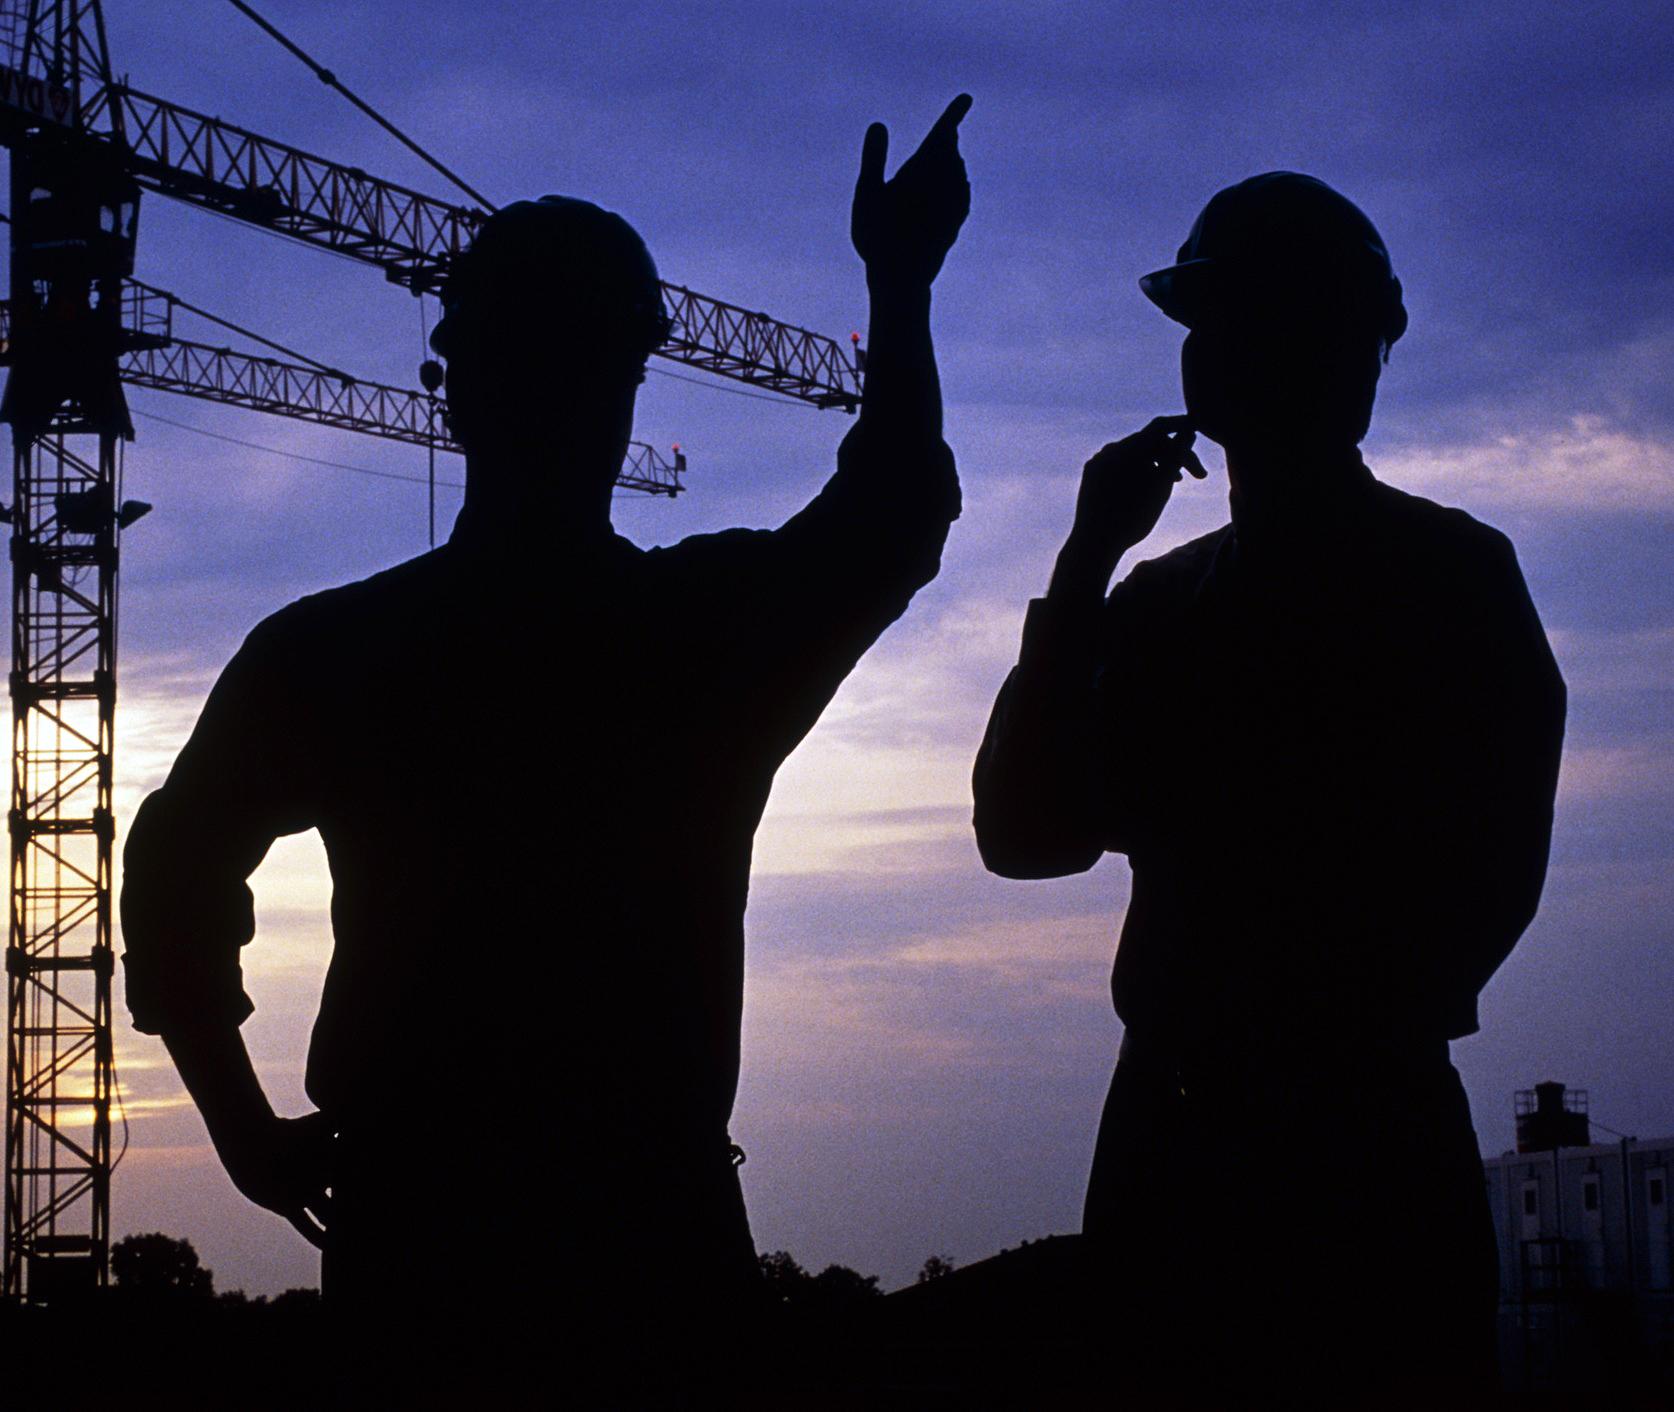 Demanda por profissionais da construção civil seguirá em alta em 2014